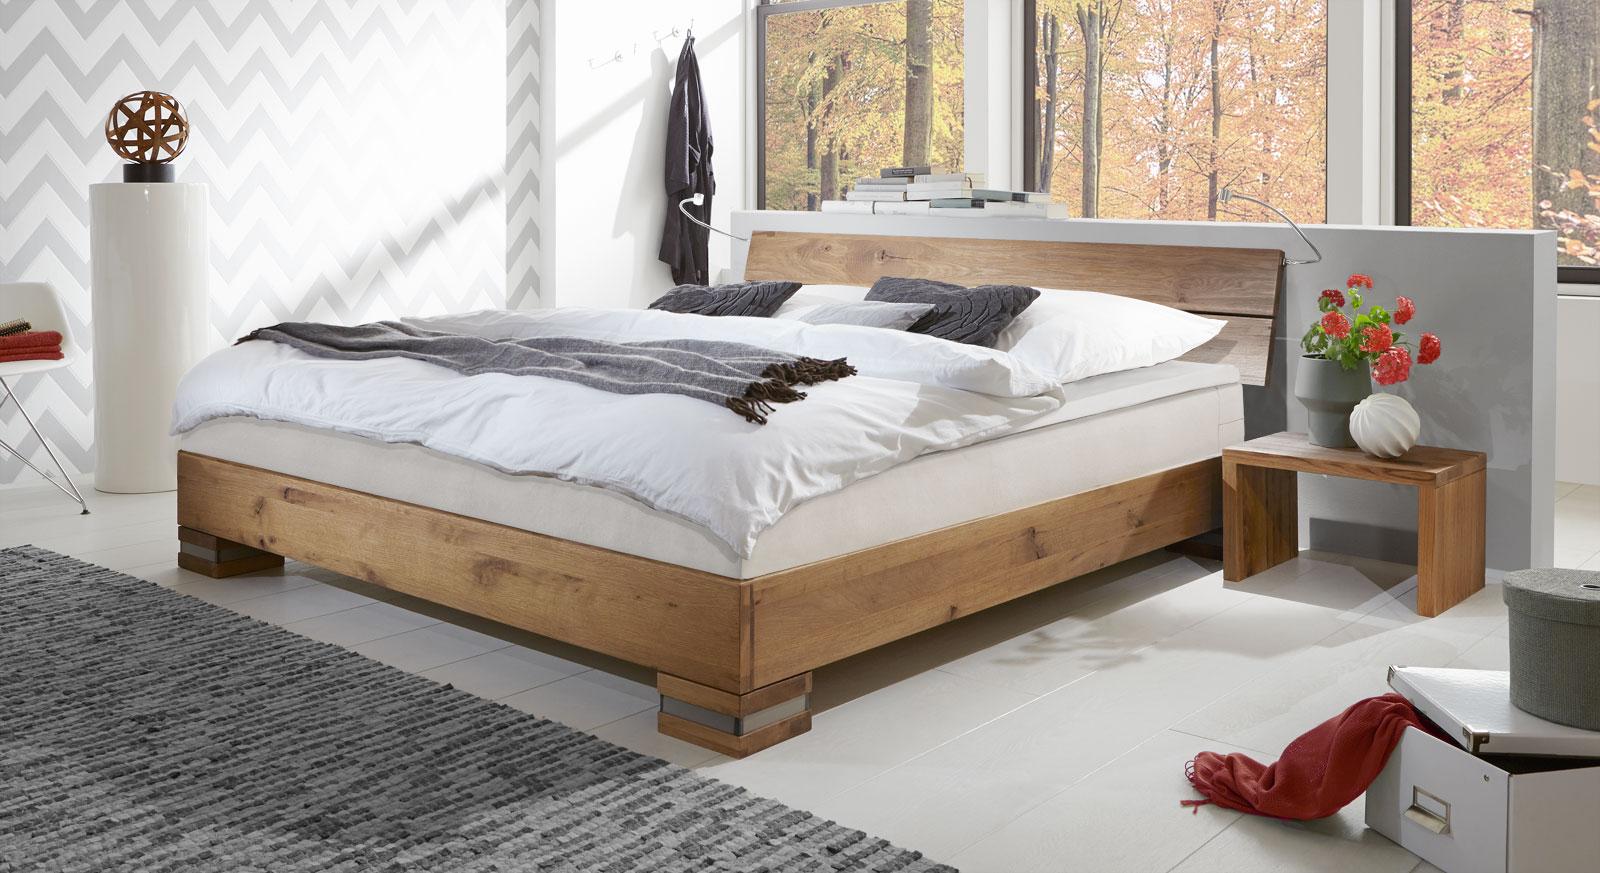 Wunderbar King Size Bett Rahmen Mit Lager Zeitgenössisch ...